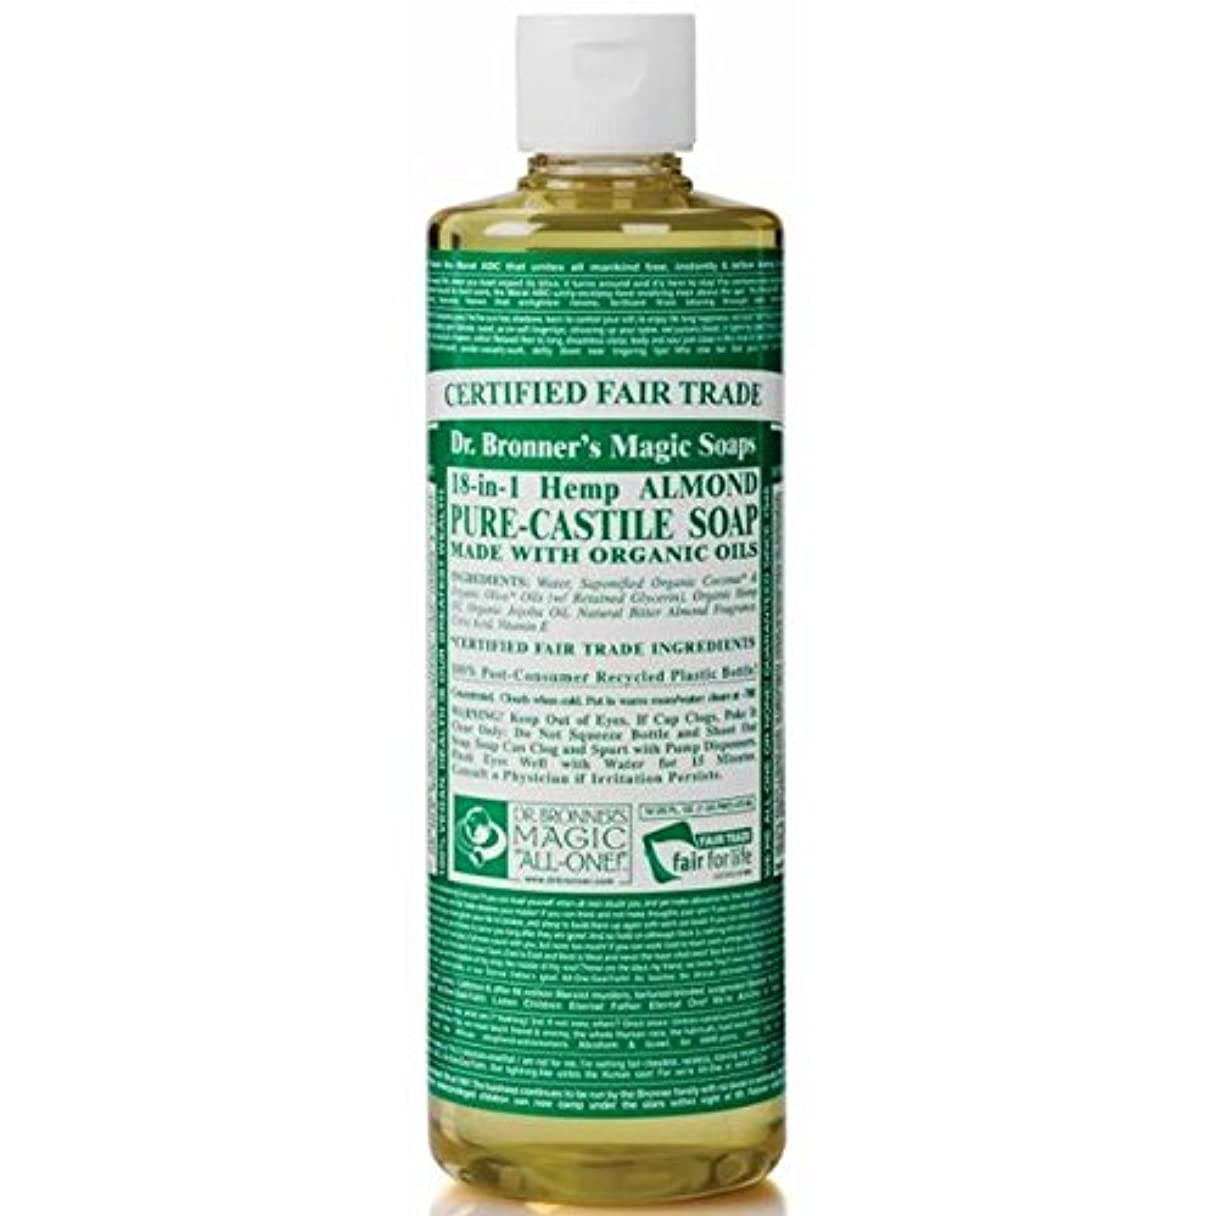 ストレスの多い差し迫った凍結のブロナー有機アーモンドカスティーリャ液体石鹸237ミリリットル x2 - Dr Bronner Organic Almond Castile Liquid Soap 237ml (Pack of 2) [並行輸入品]